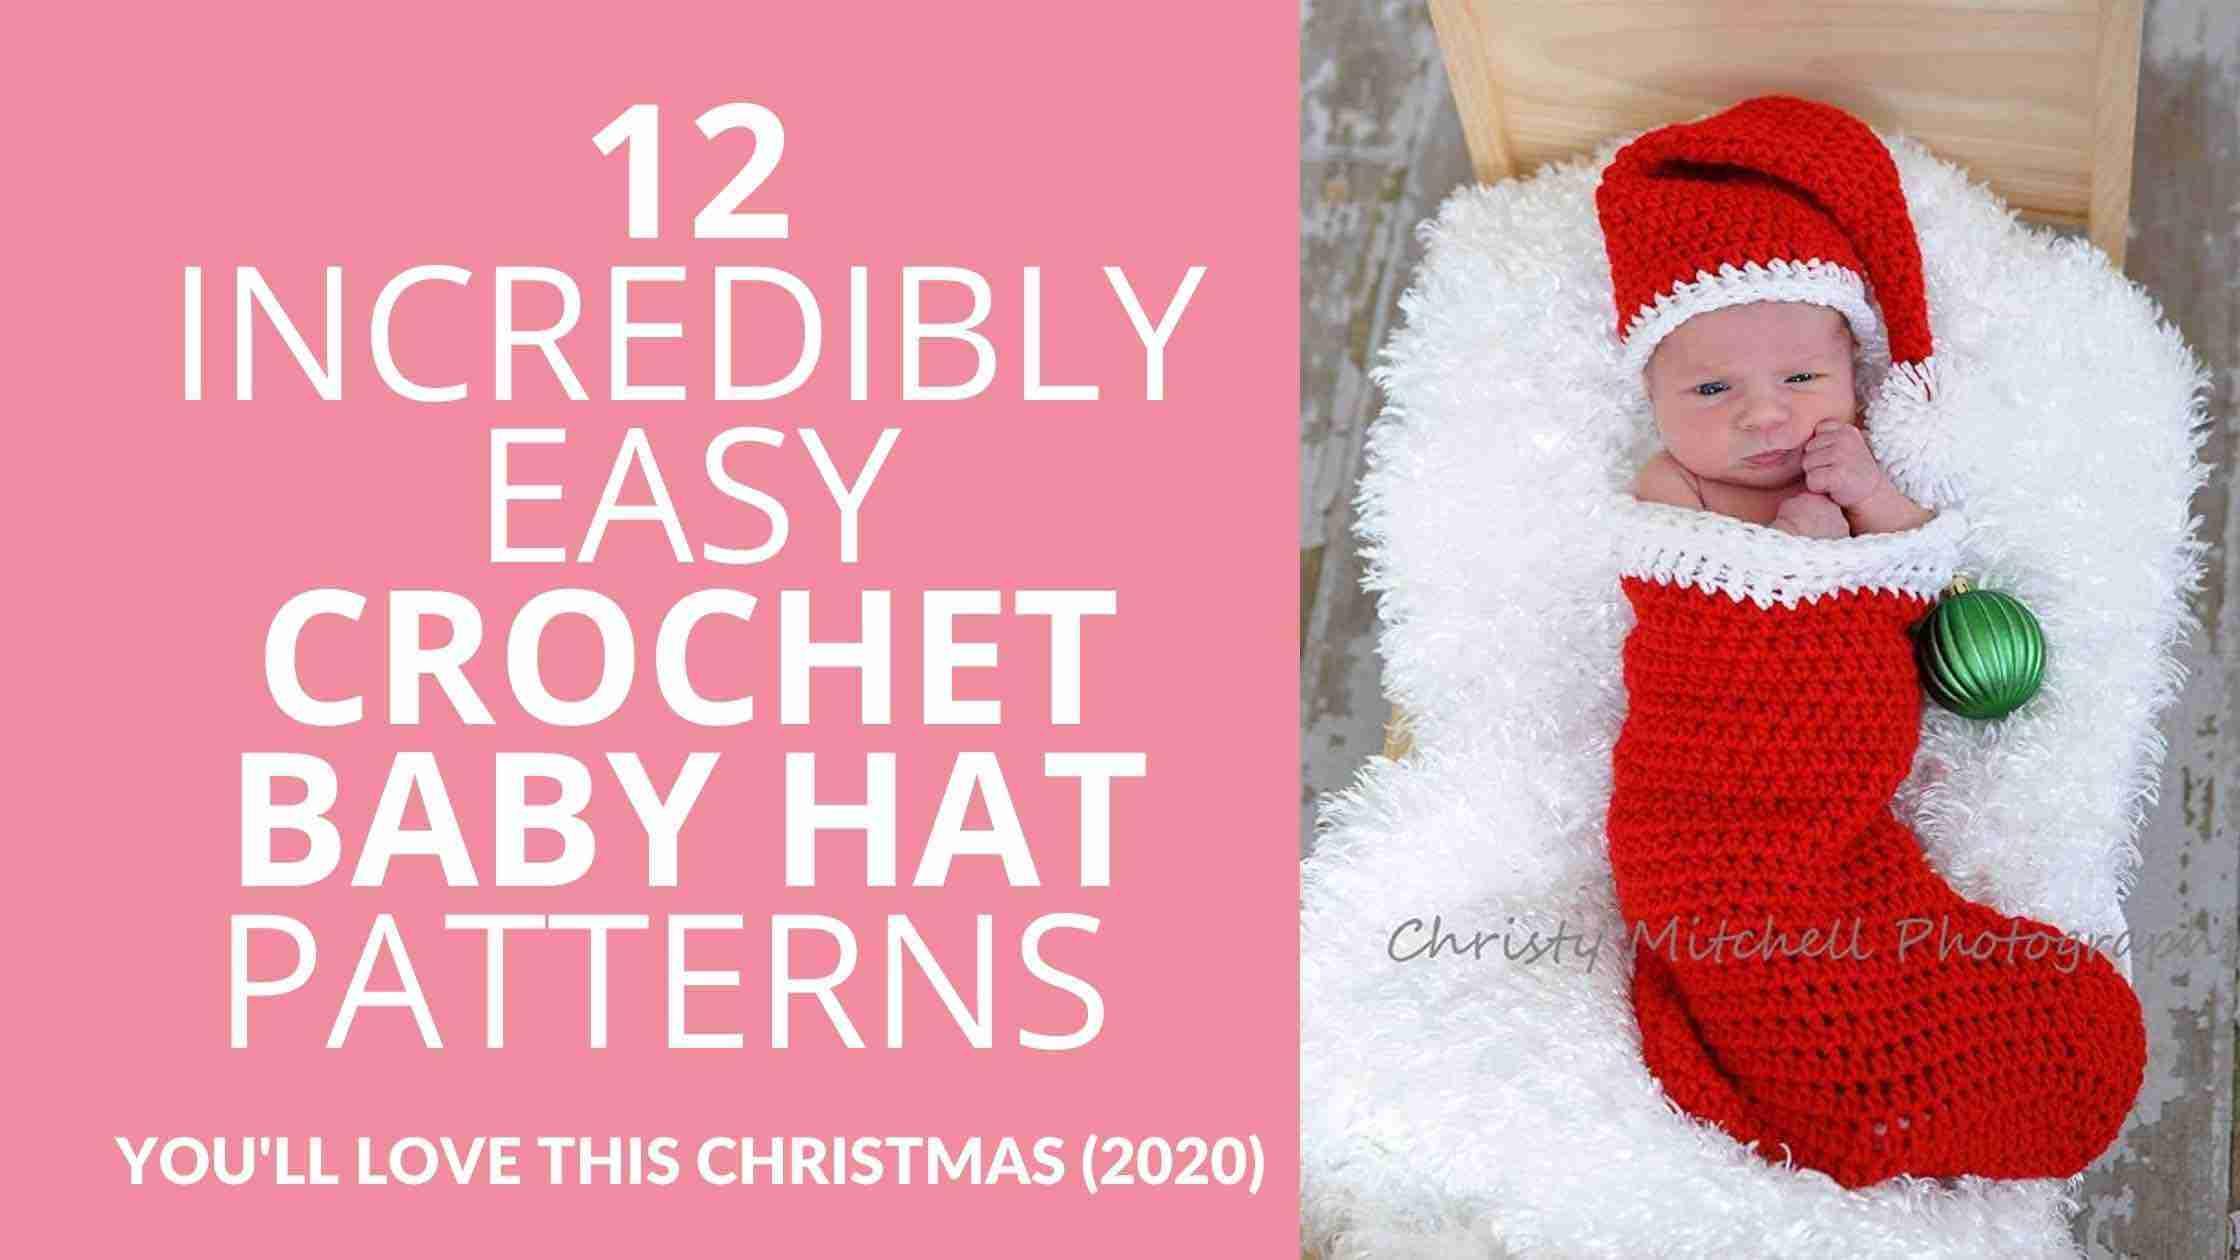 Easy Crochet Baby Hat Patterns Christmas - Start Crochet